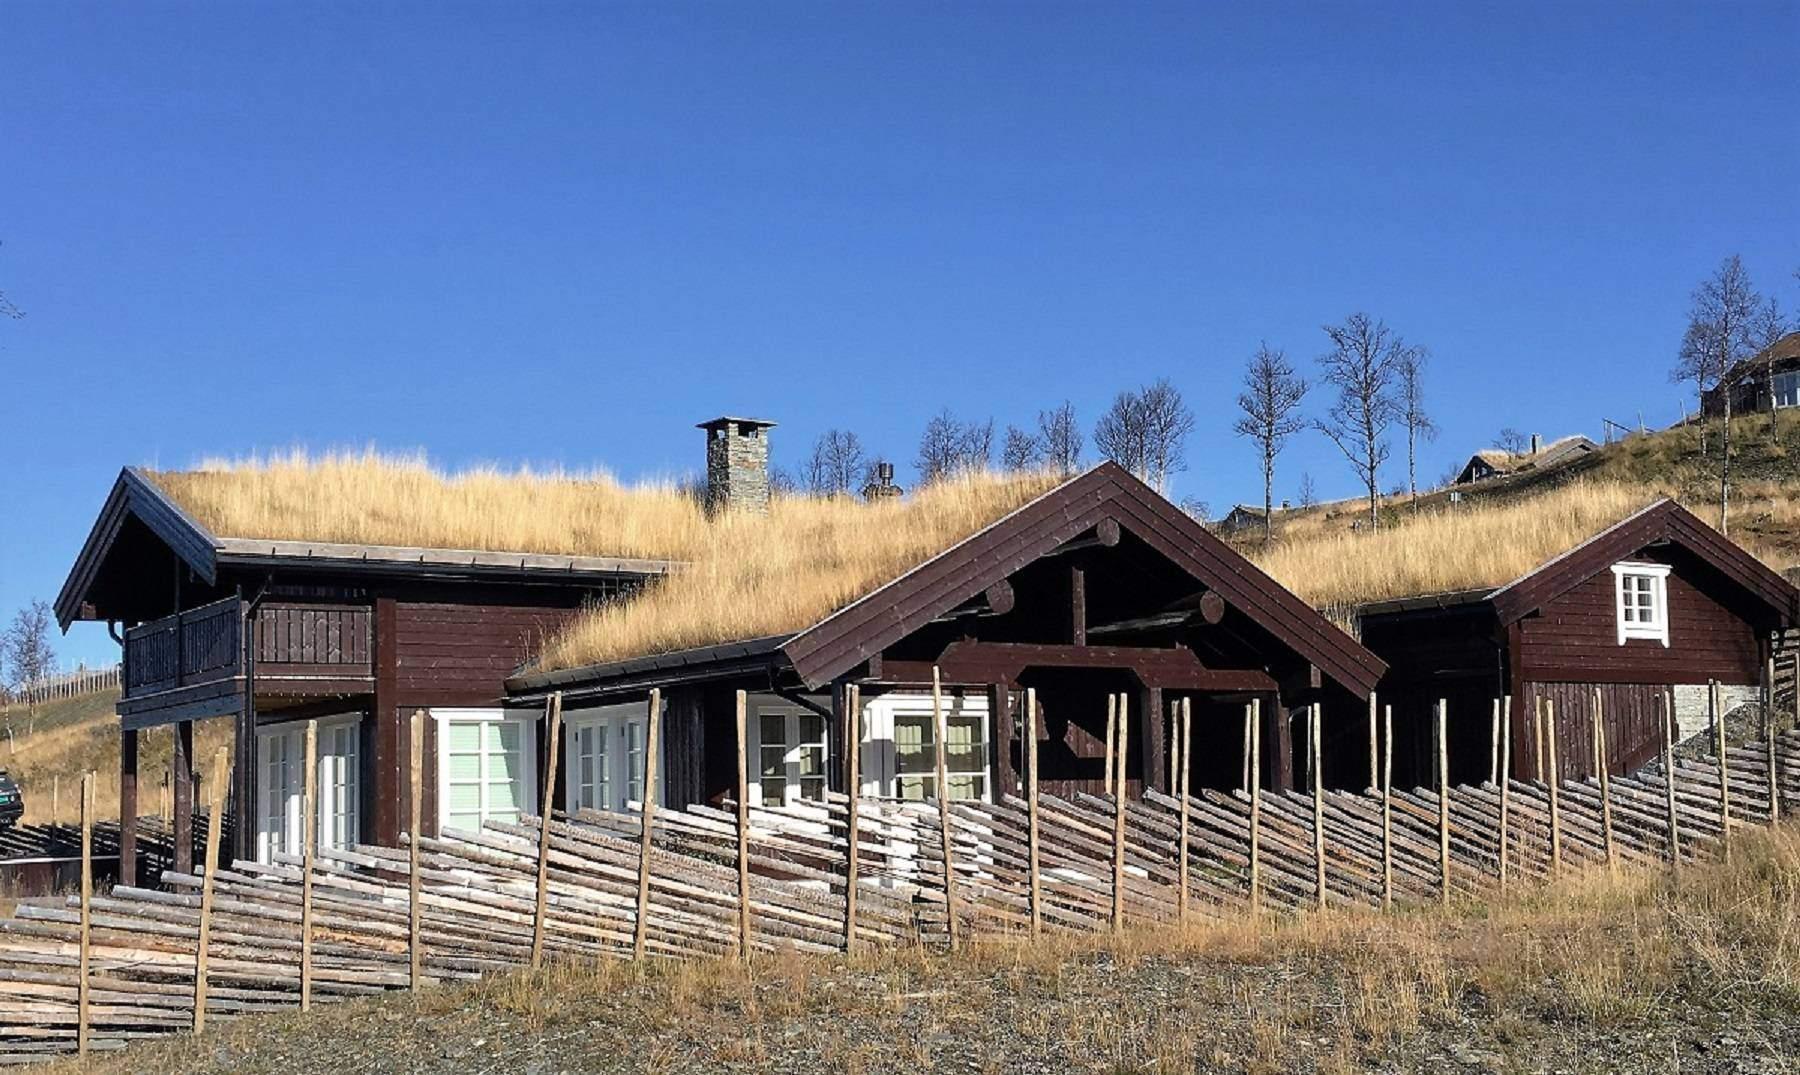 130 Hytte Høyset Panorama – Rondeslottet 95